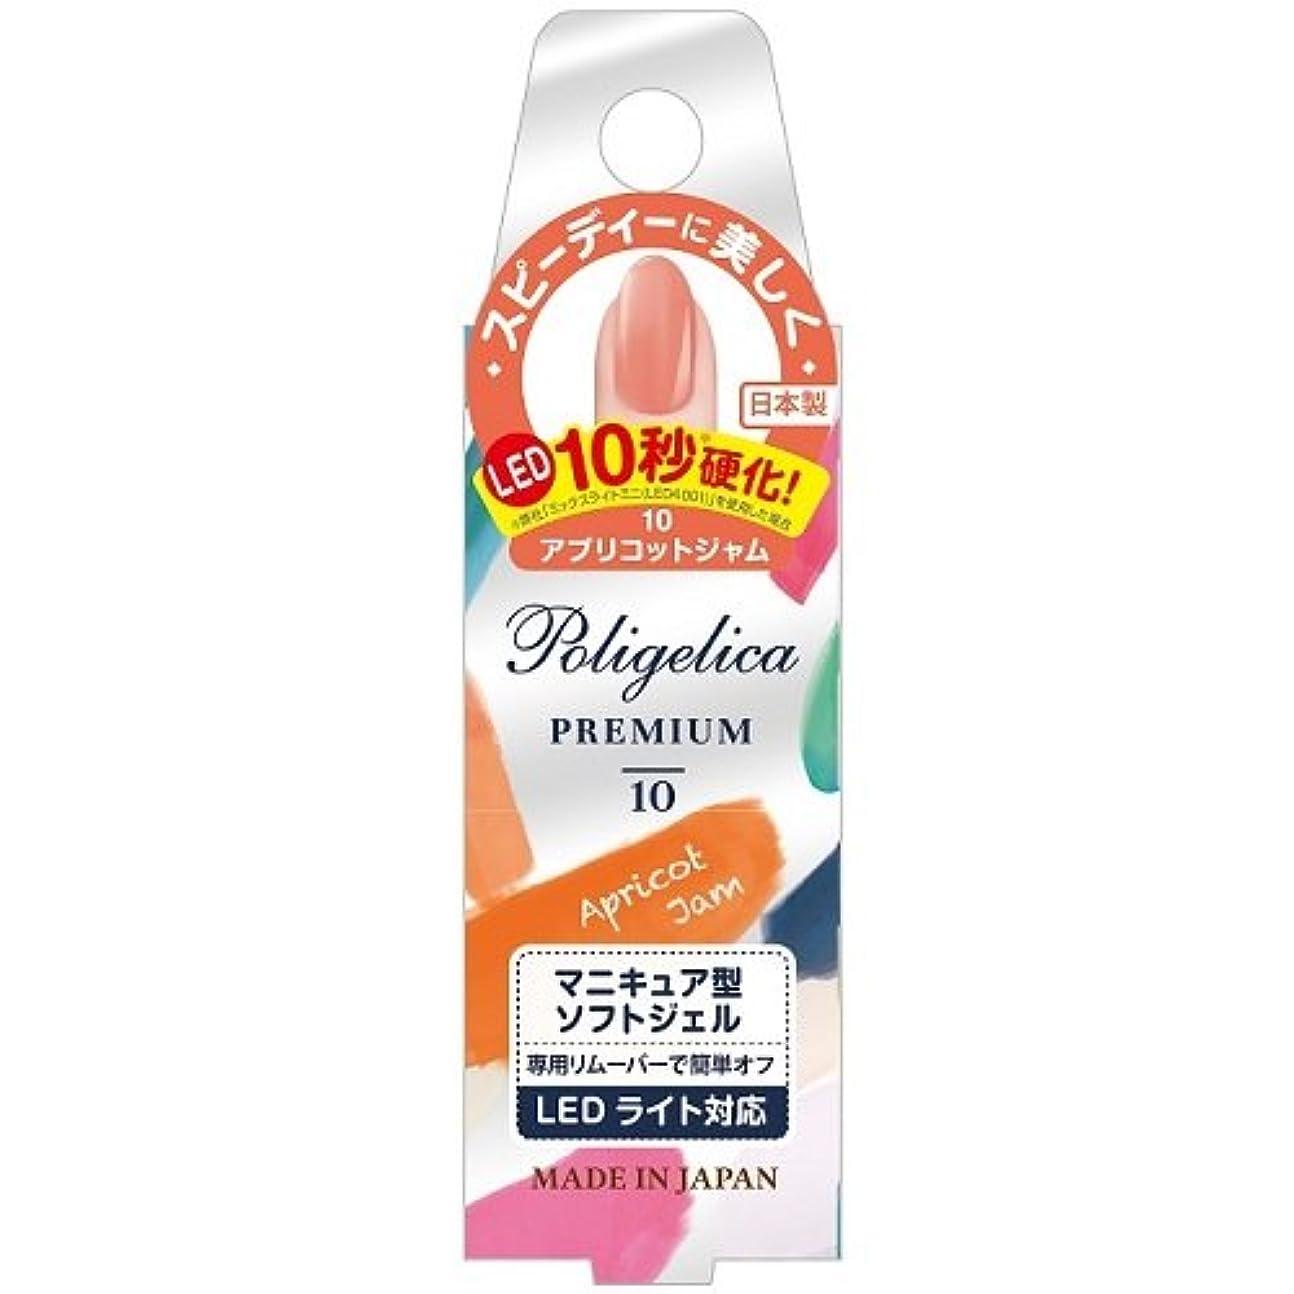 セクタアウター霧BW ポリジェリカプレミアム カラージェル 1010/アプリコットジャム (6g)